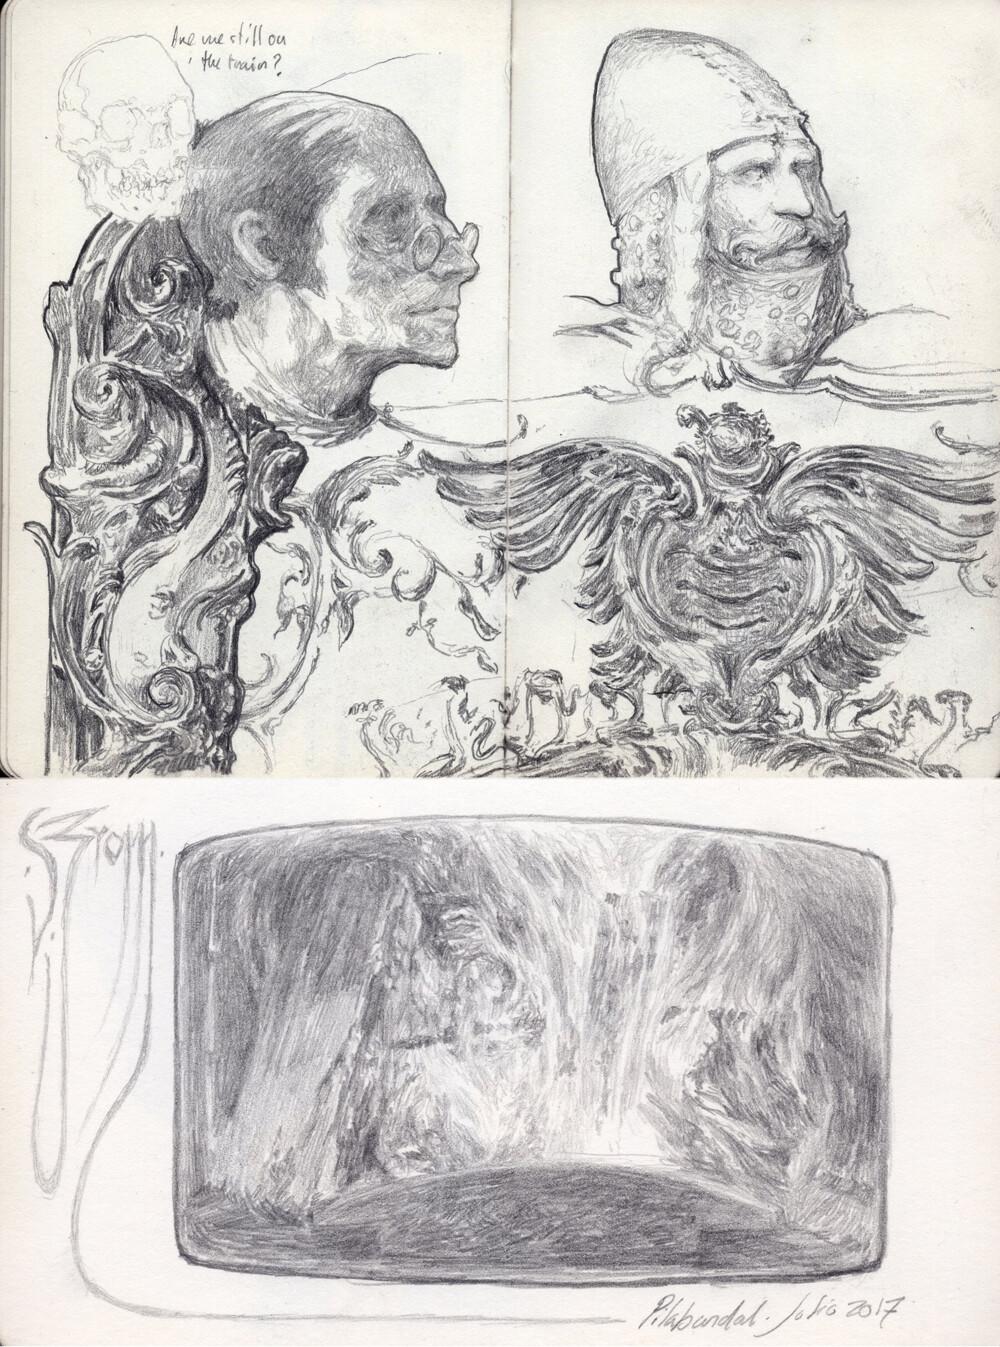 Daniel zrom danielzrom sketchbook4